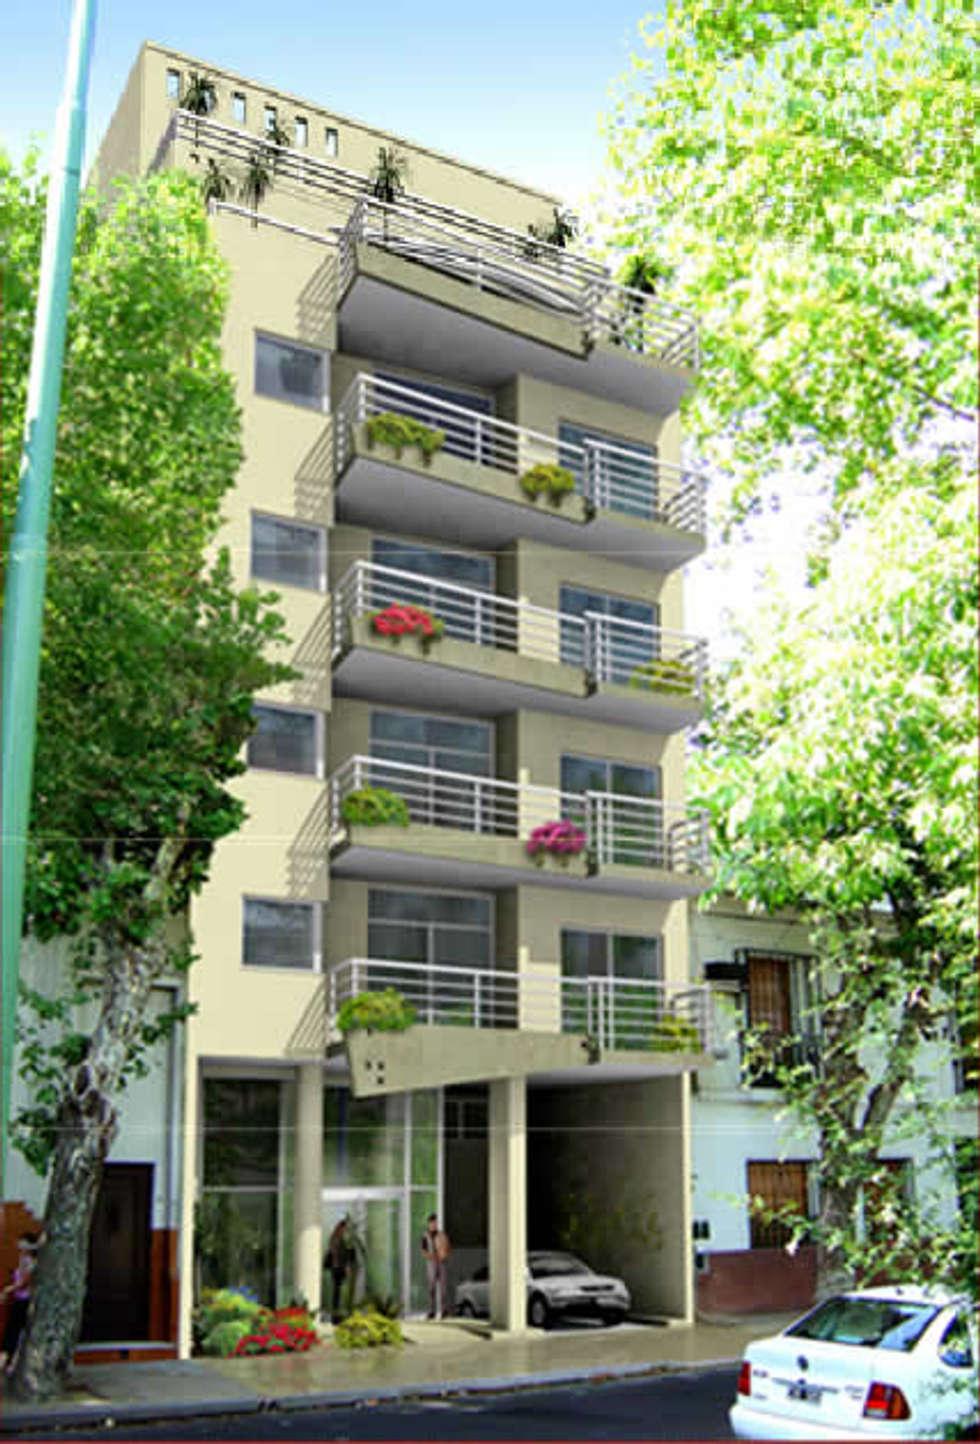 EDIFICIO NEUQUEN: Casas de estilo clásico por ESTUDIO PINKUS S.R.L.